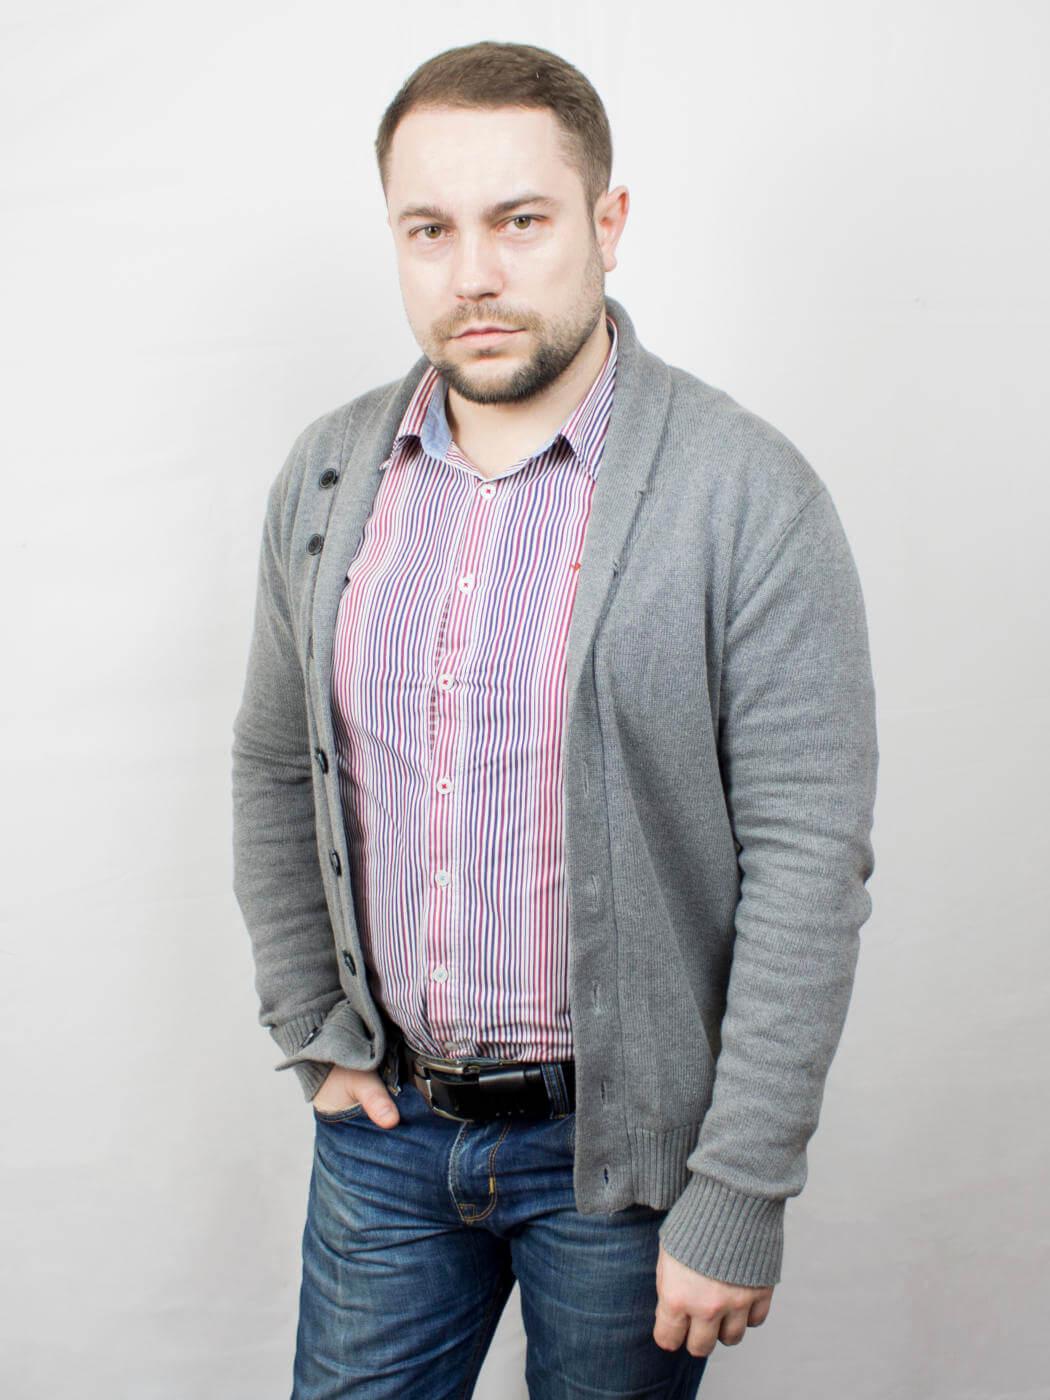 Александр Михайличенко, руководитель отдела продаж